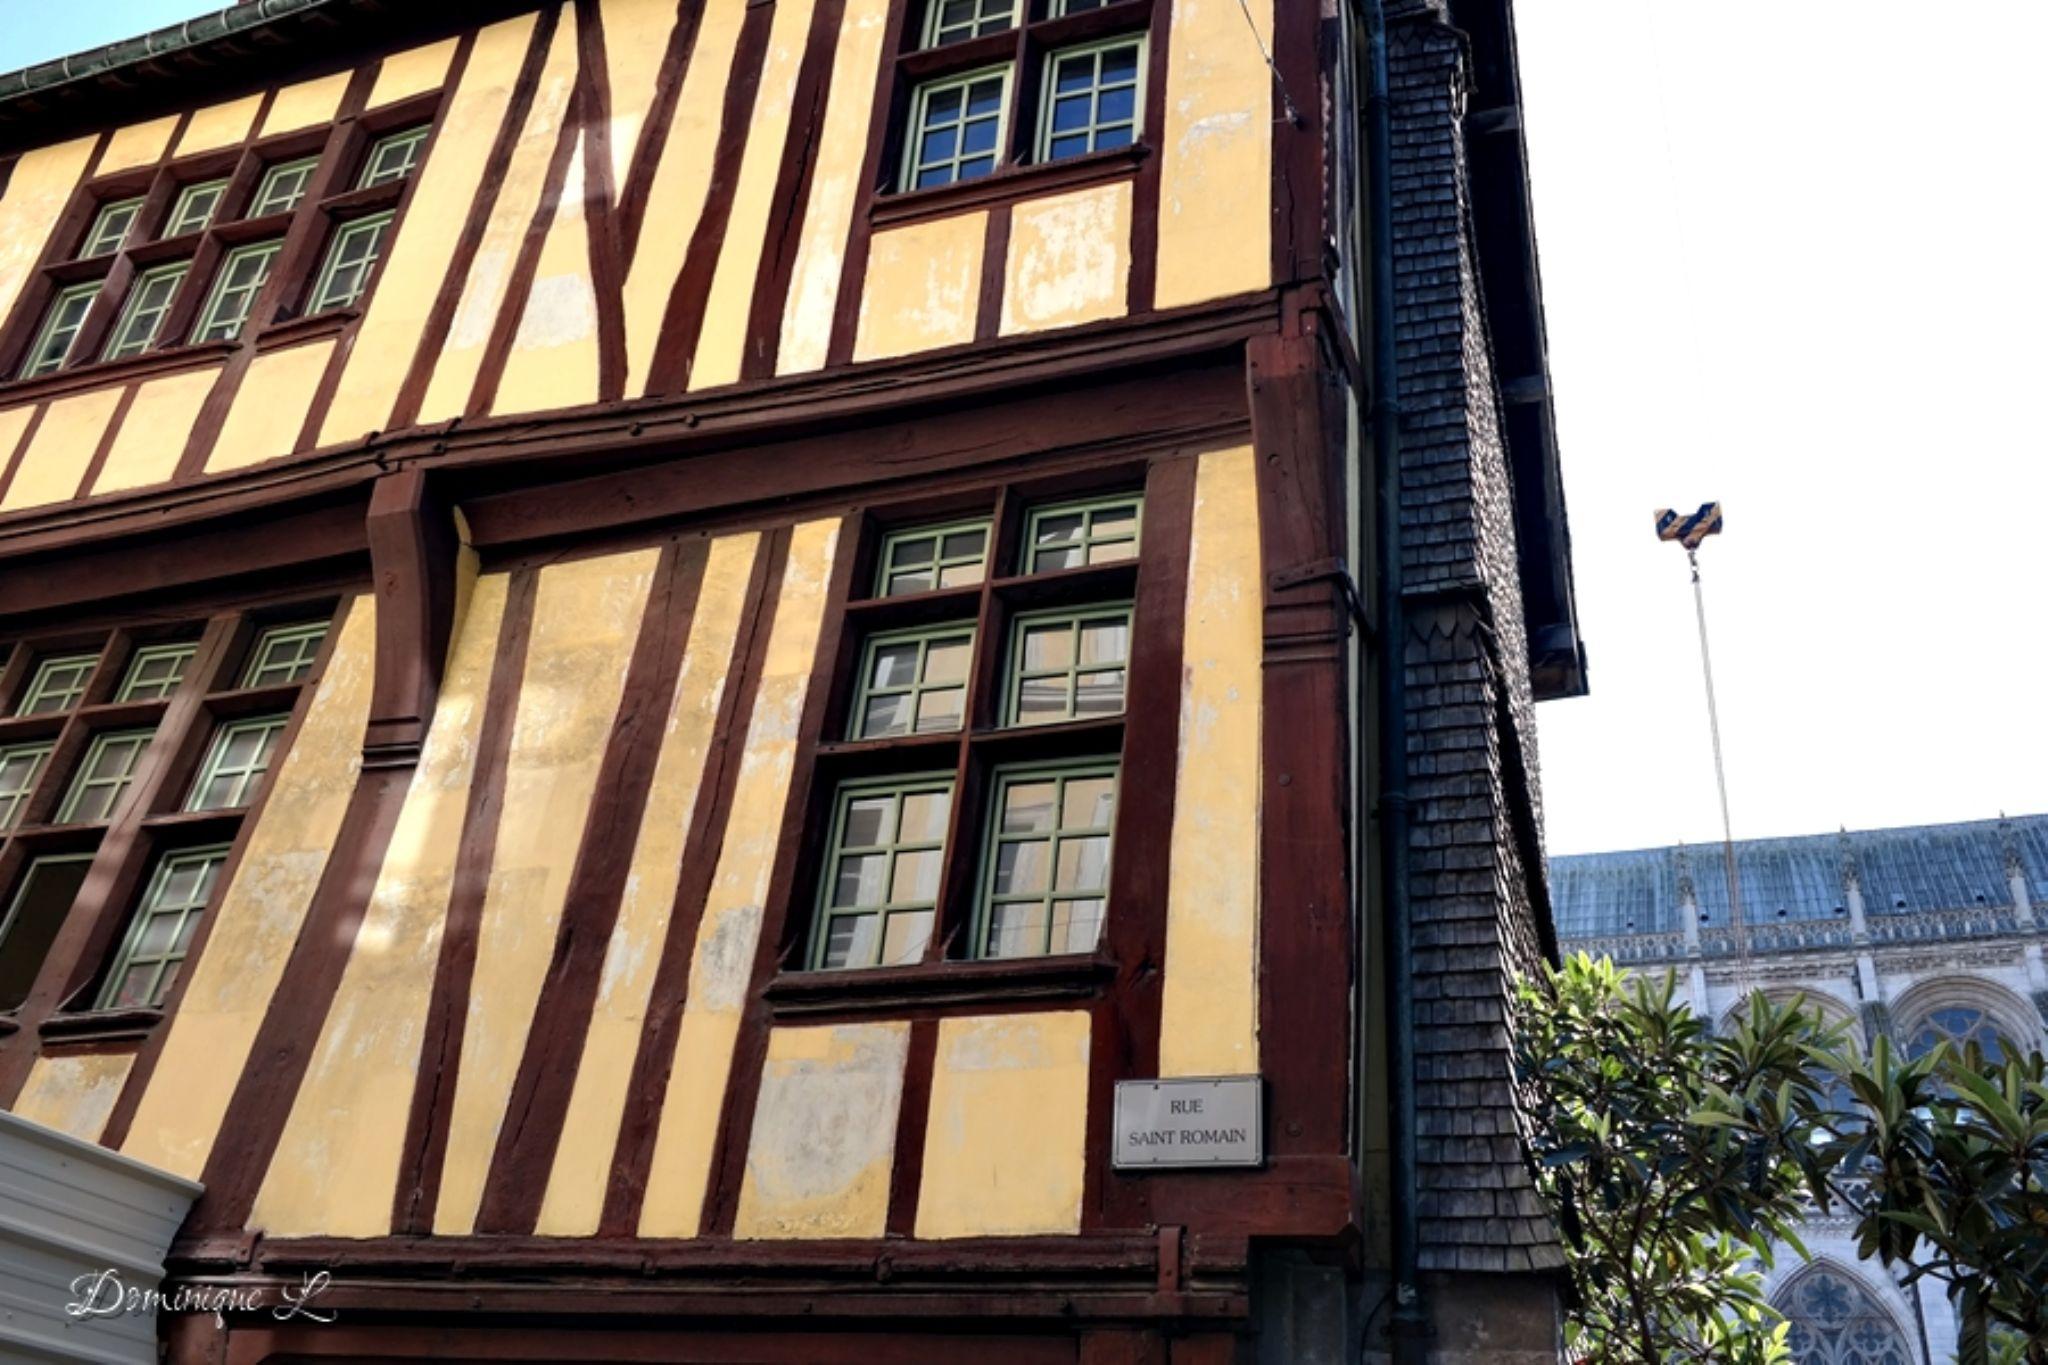 maison pans de bois by DominiqueL